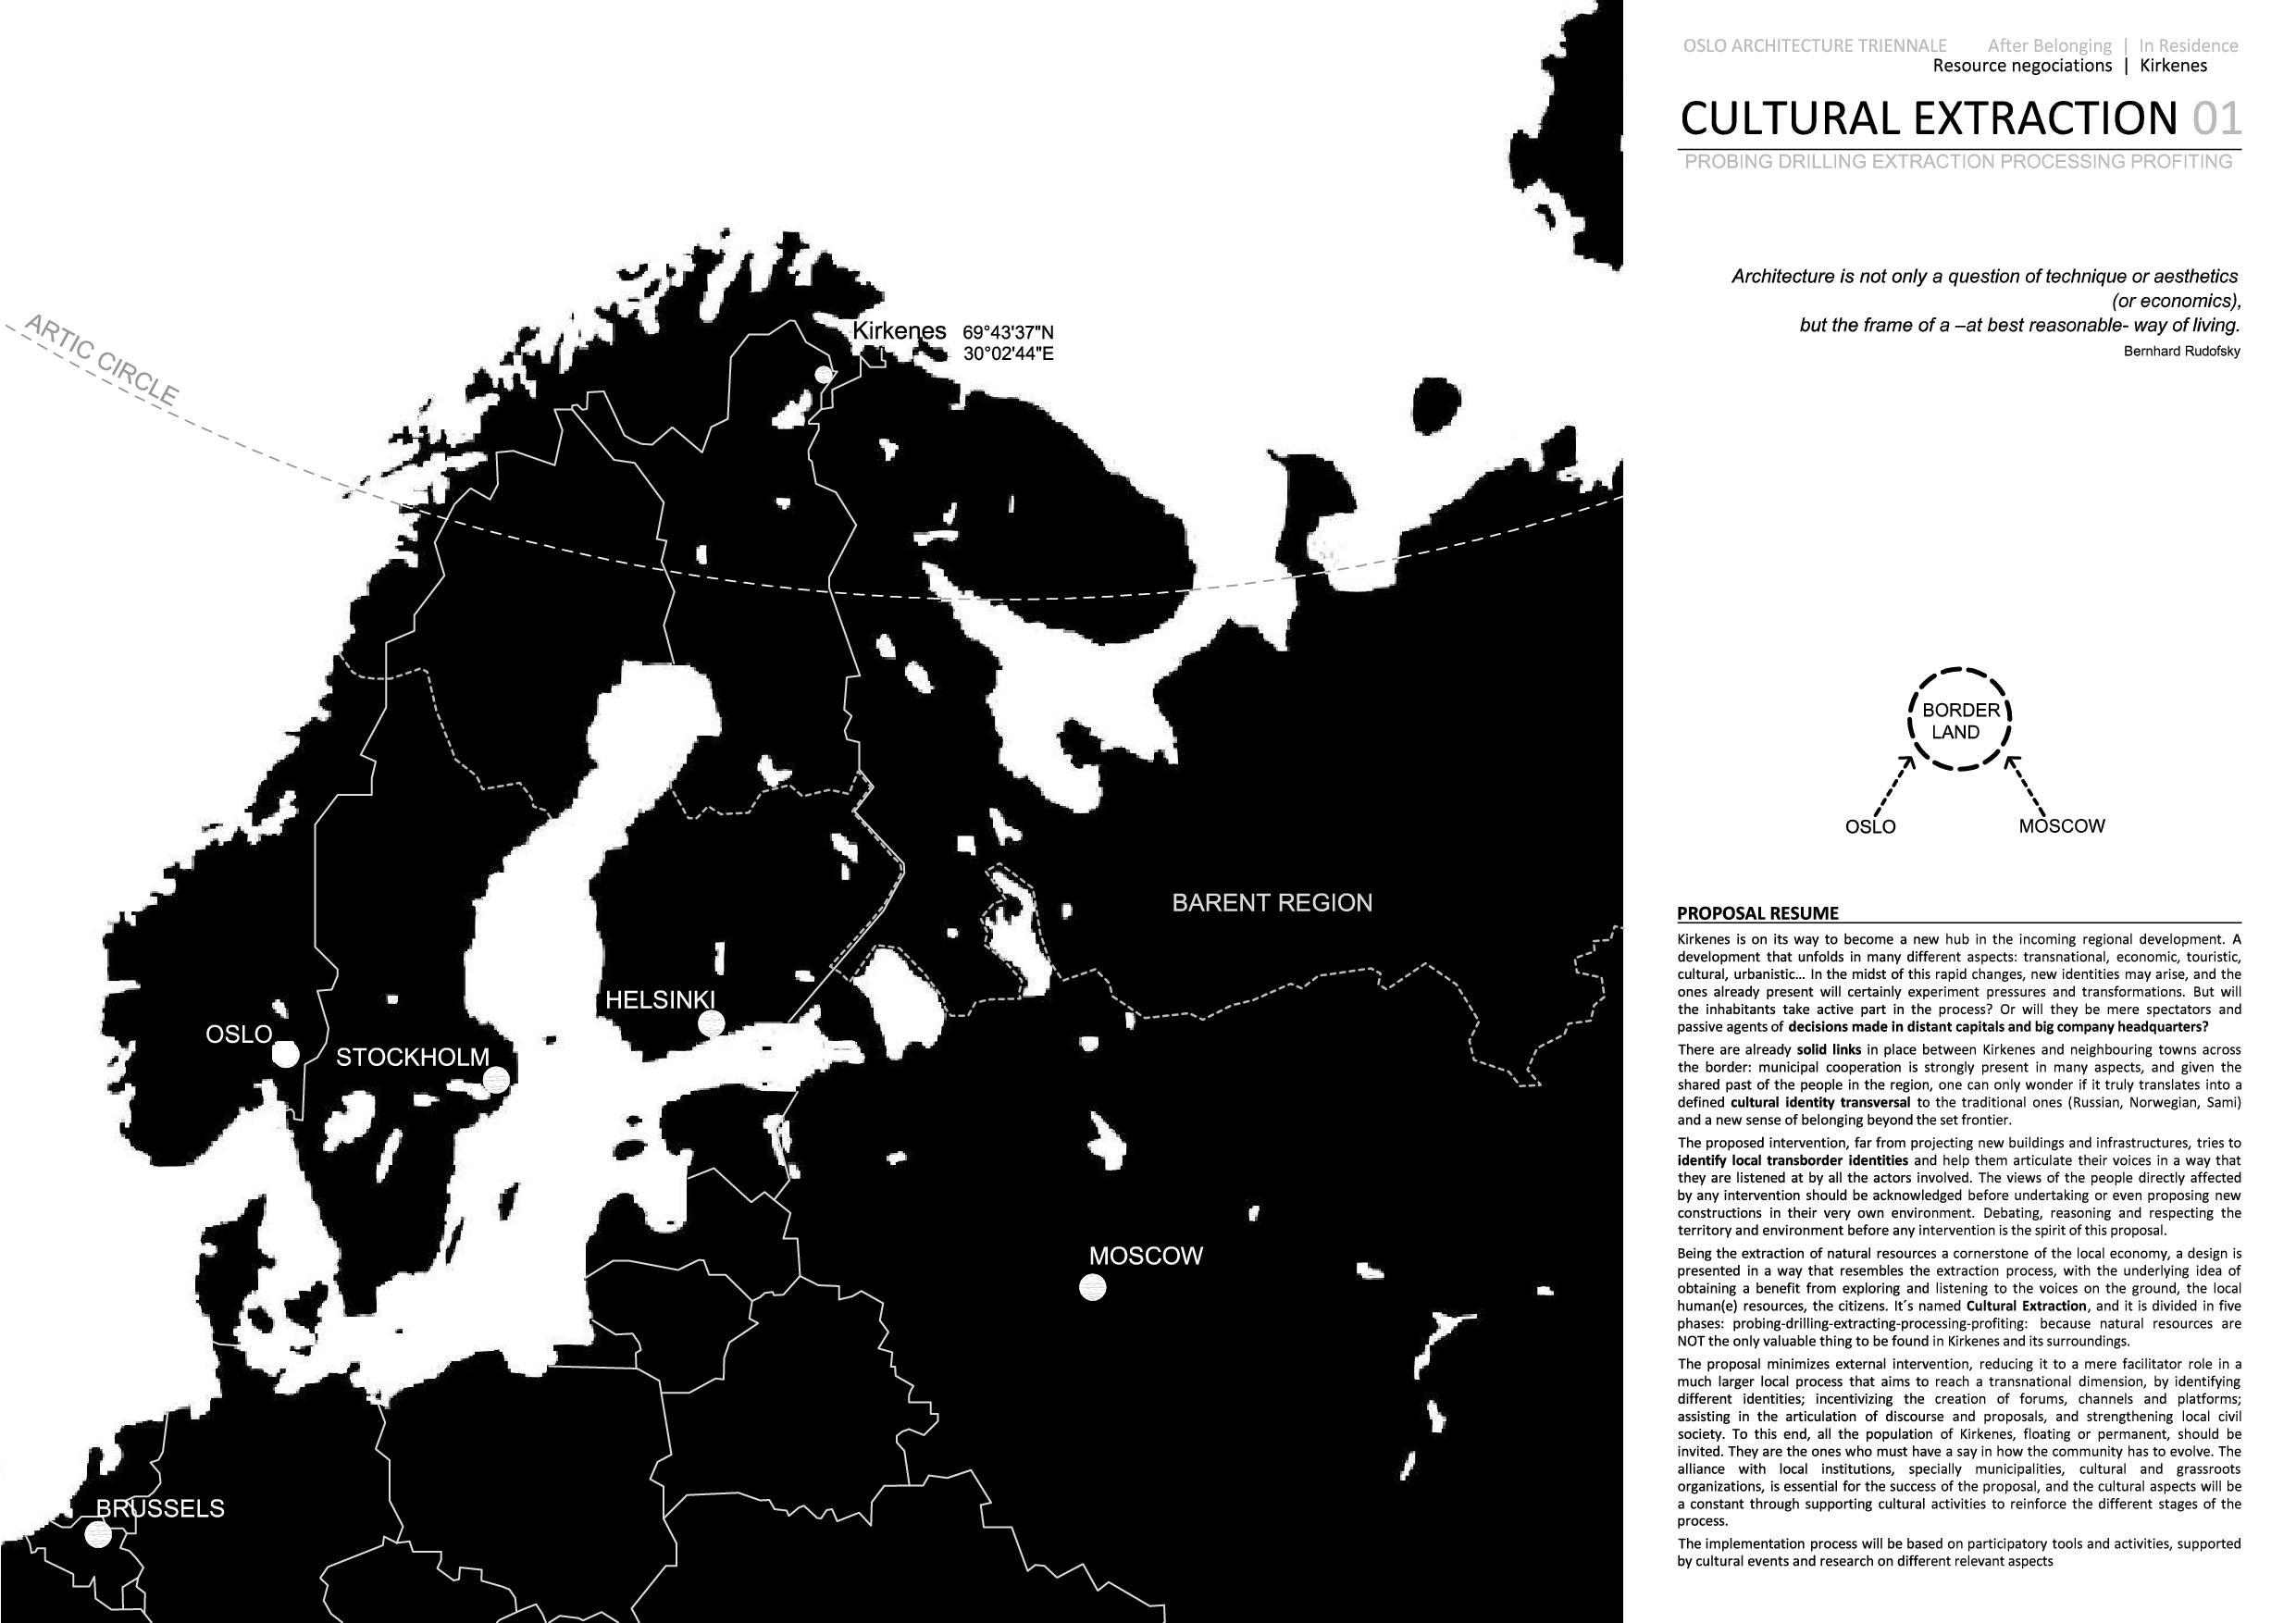 cultural-extraction_kirkenes-001